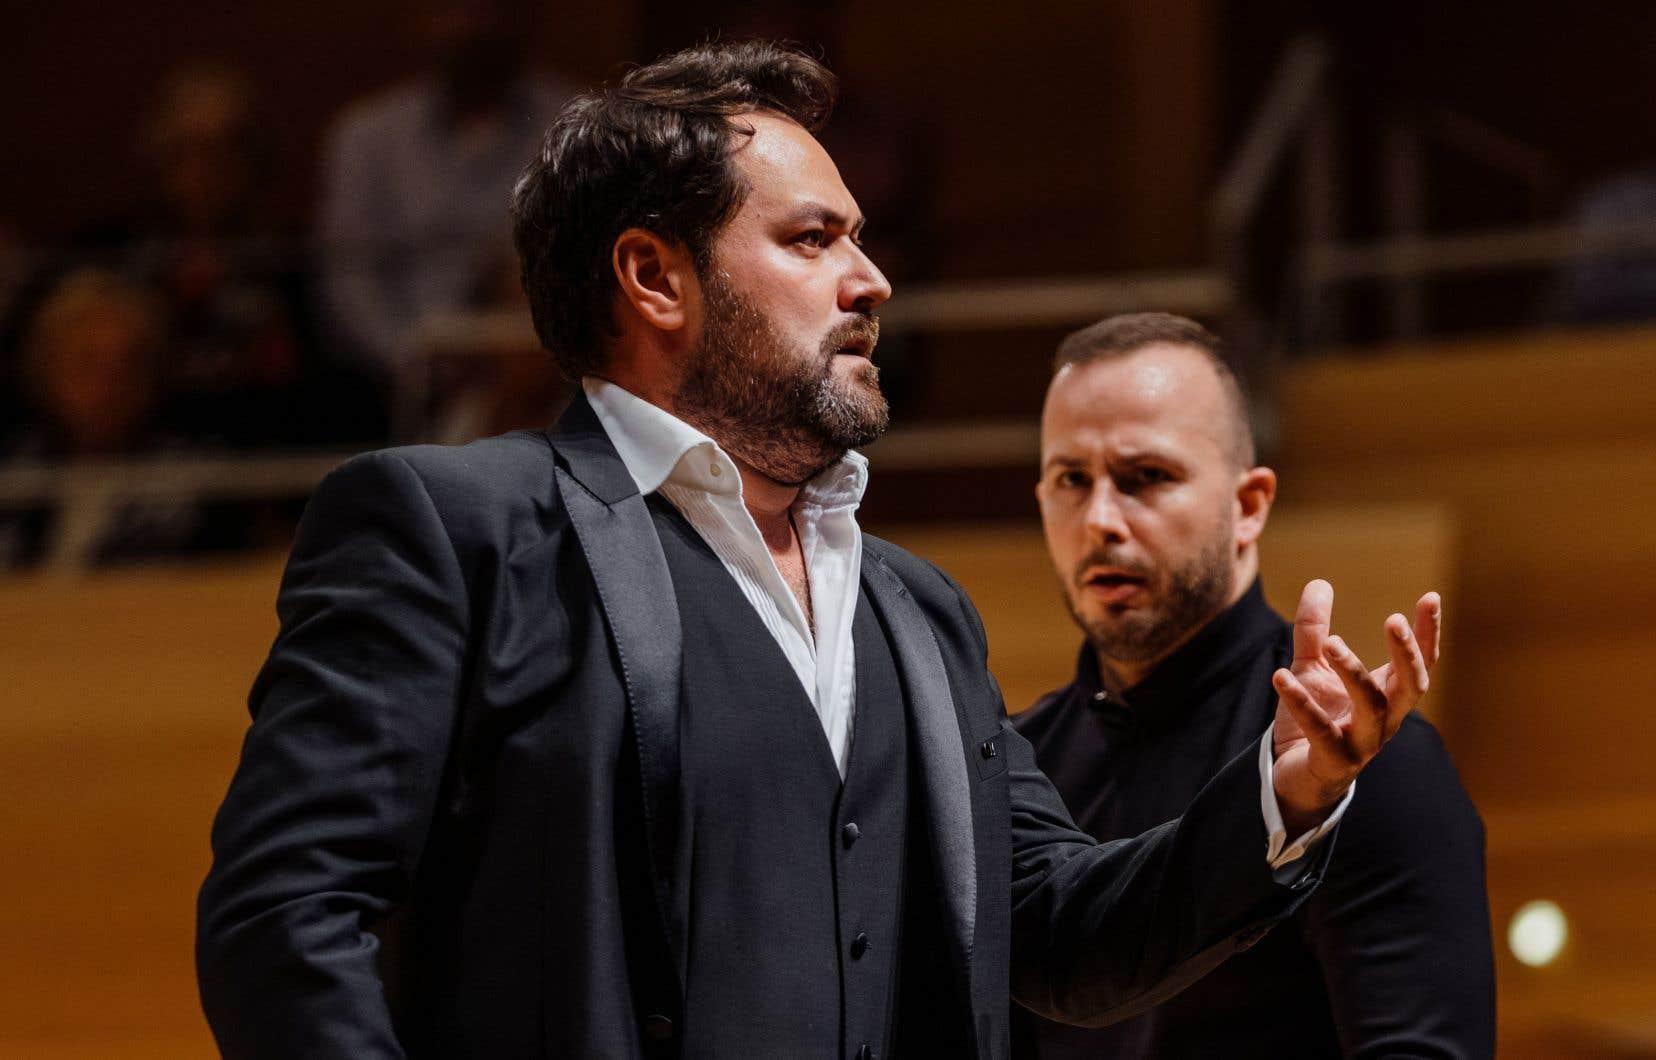 Le concert de l'Orchestre Métropolitain du 28octobre 2018 avait permis d'entendre quelques échantillons du répertoire d'airs de Verdi enregistrés avec la basse russe Ildar Abdrazakov (à gauche).